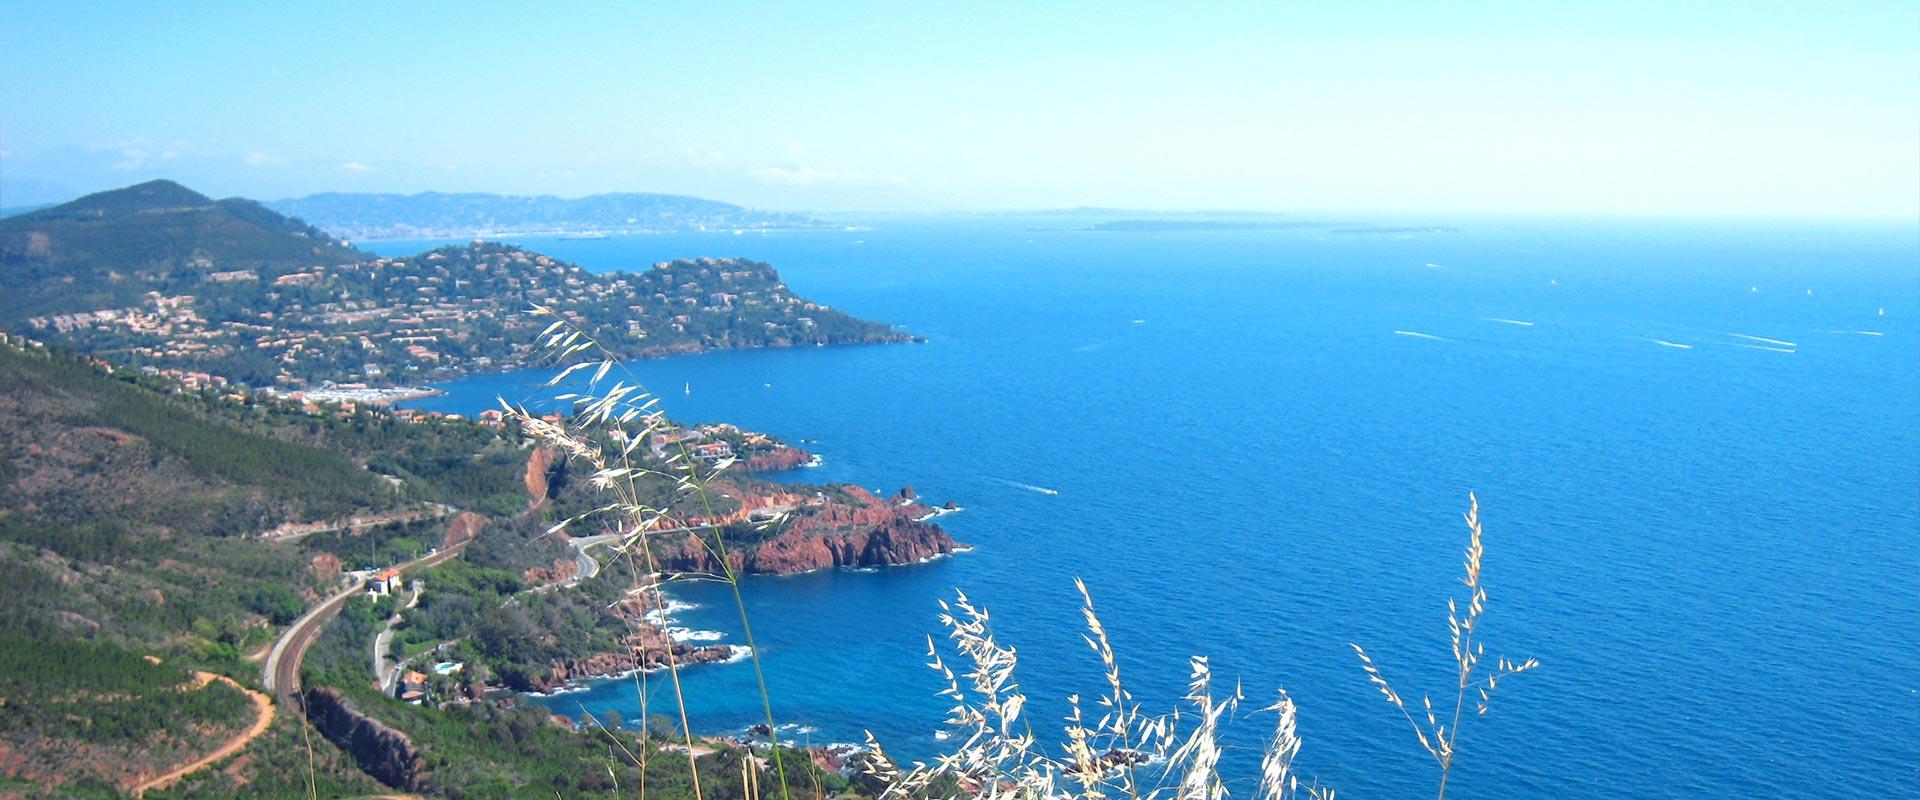 Uitzicht op de Middellandse Zee vanaf het Estérel-massief